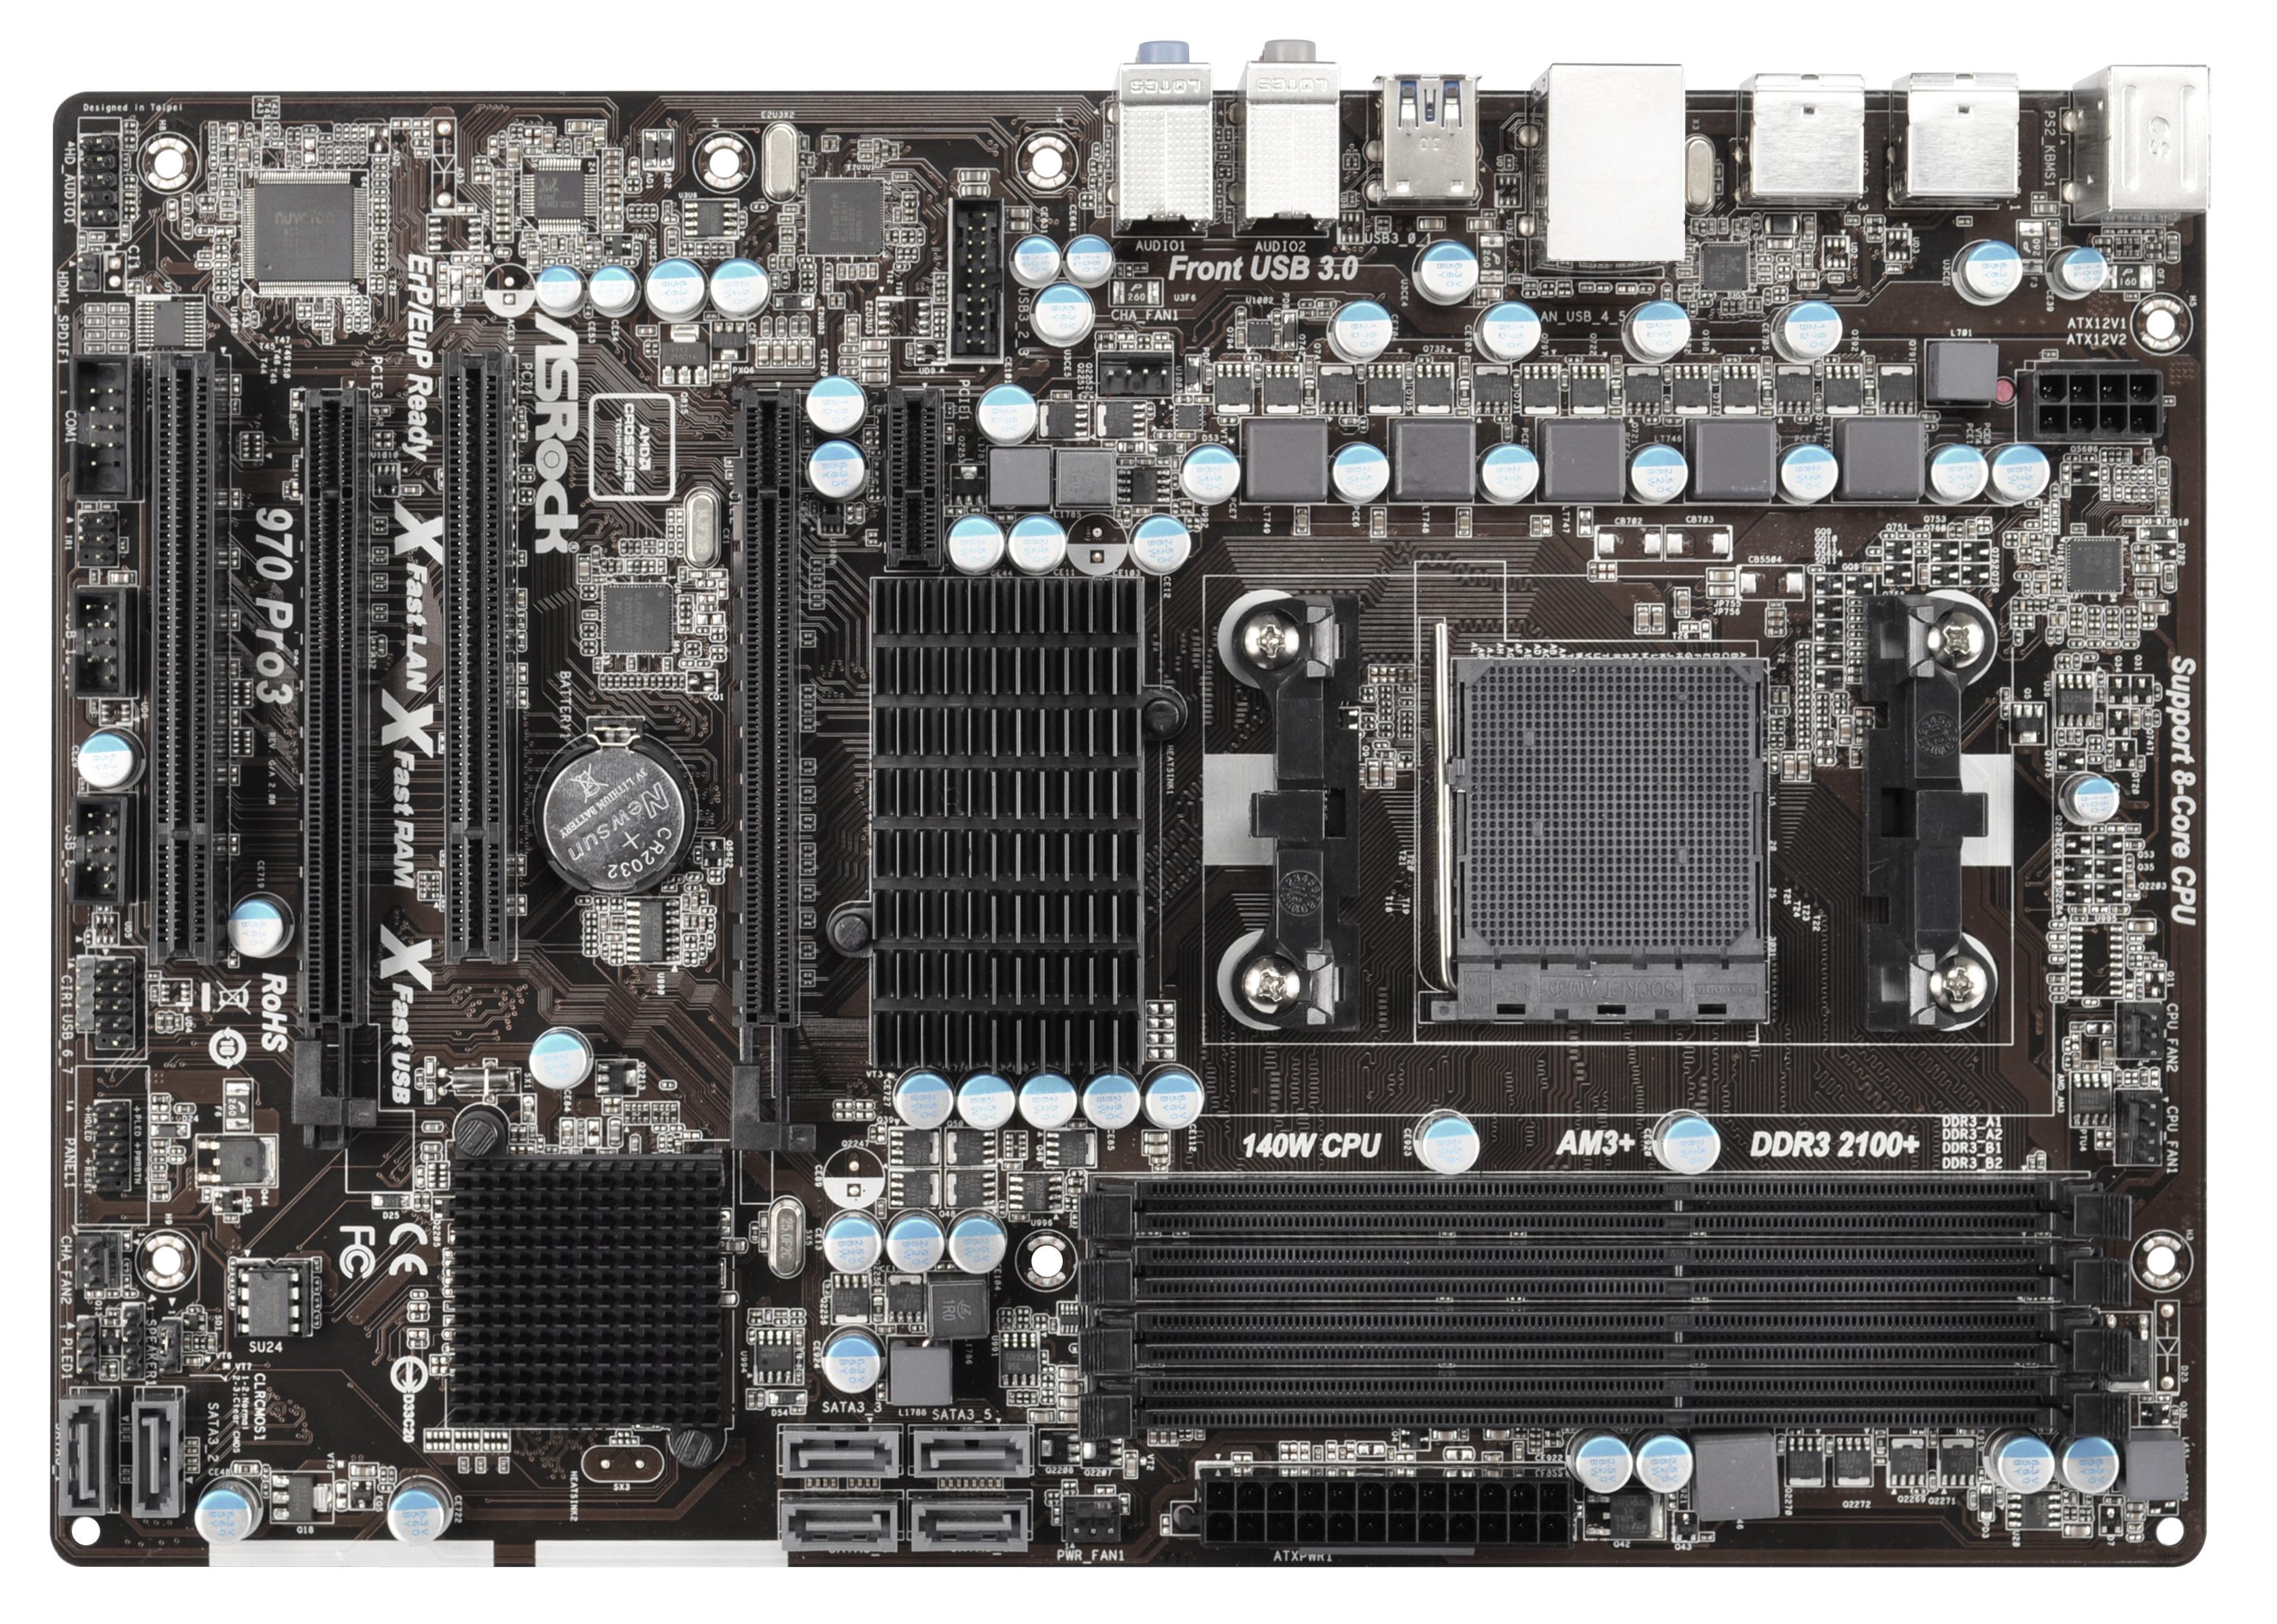 ASROCK 970 Pro3 R2.0 AMD 970 AM3+ ATX 4 DDR3 CrossFire RAID 140W CPU Support